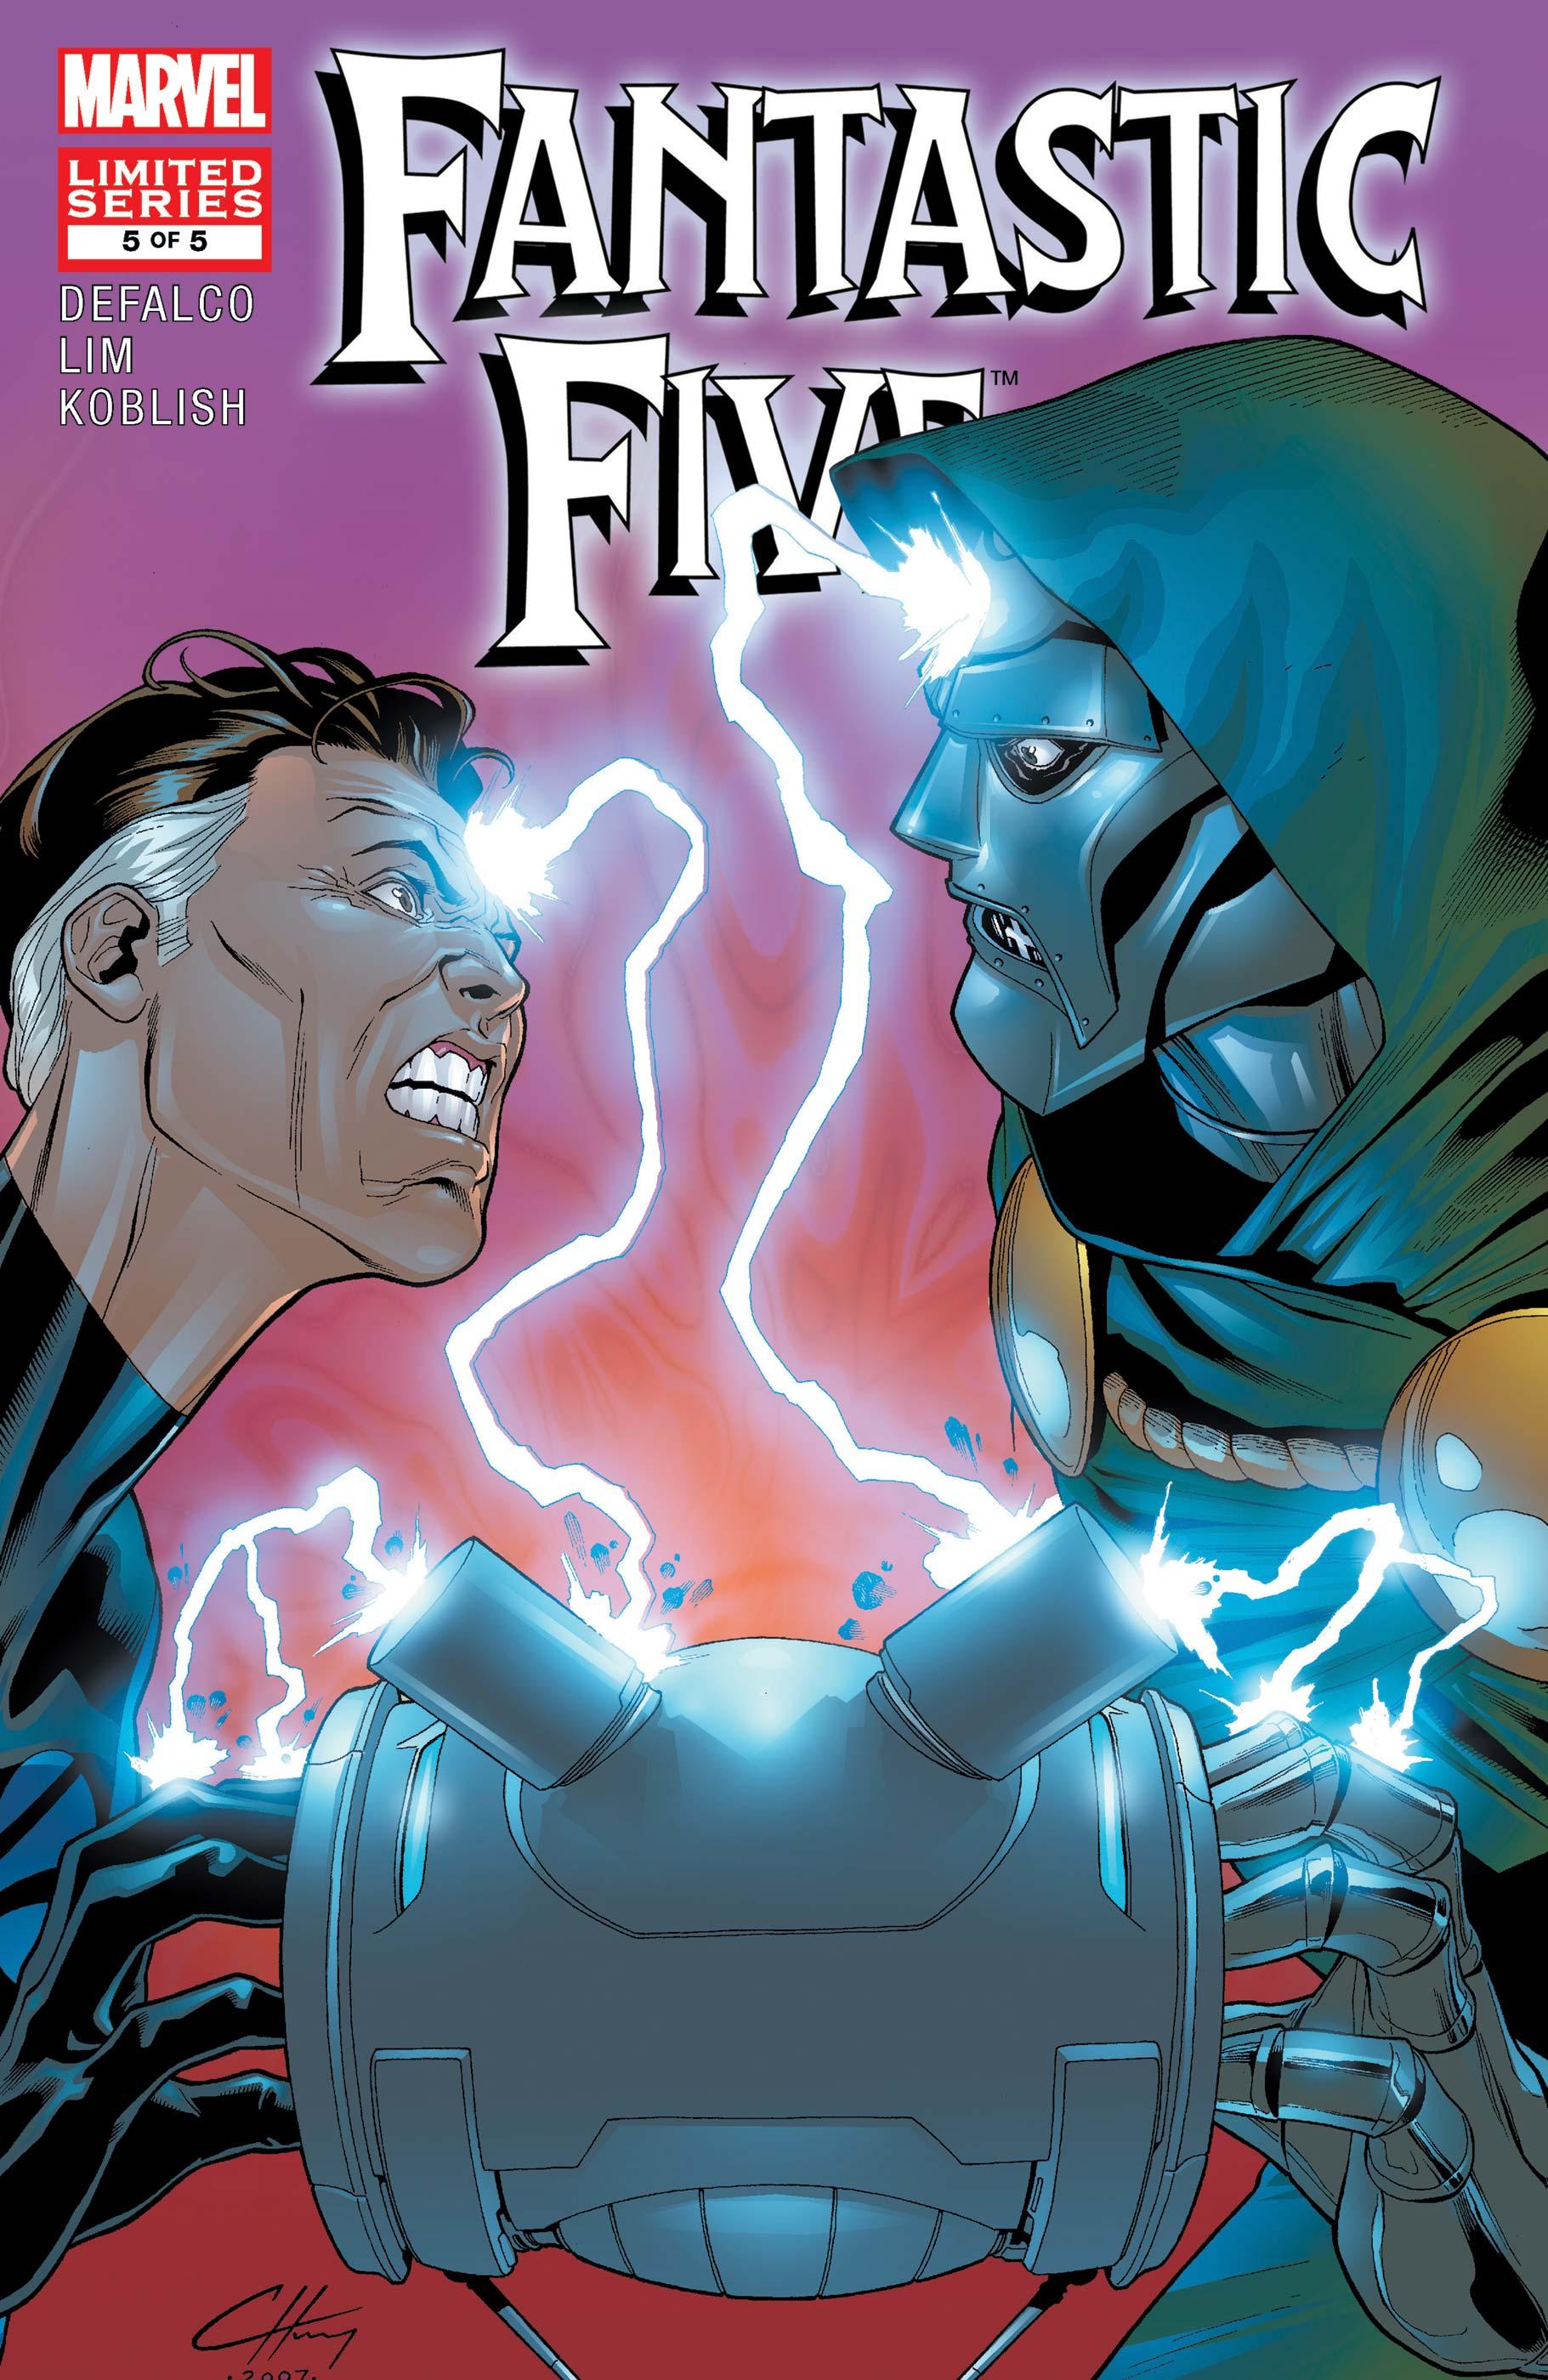 Fantastic Five (2007) #5